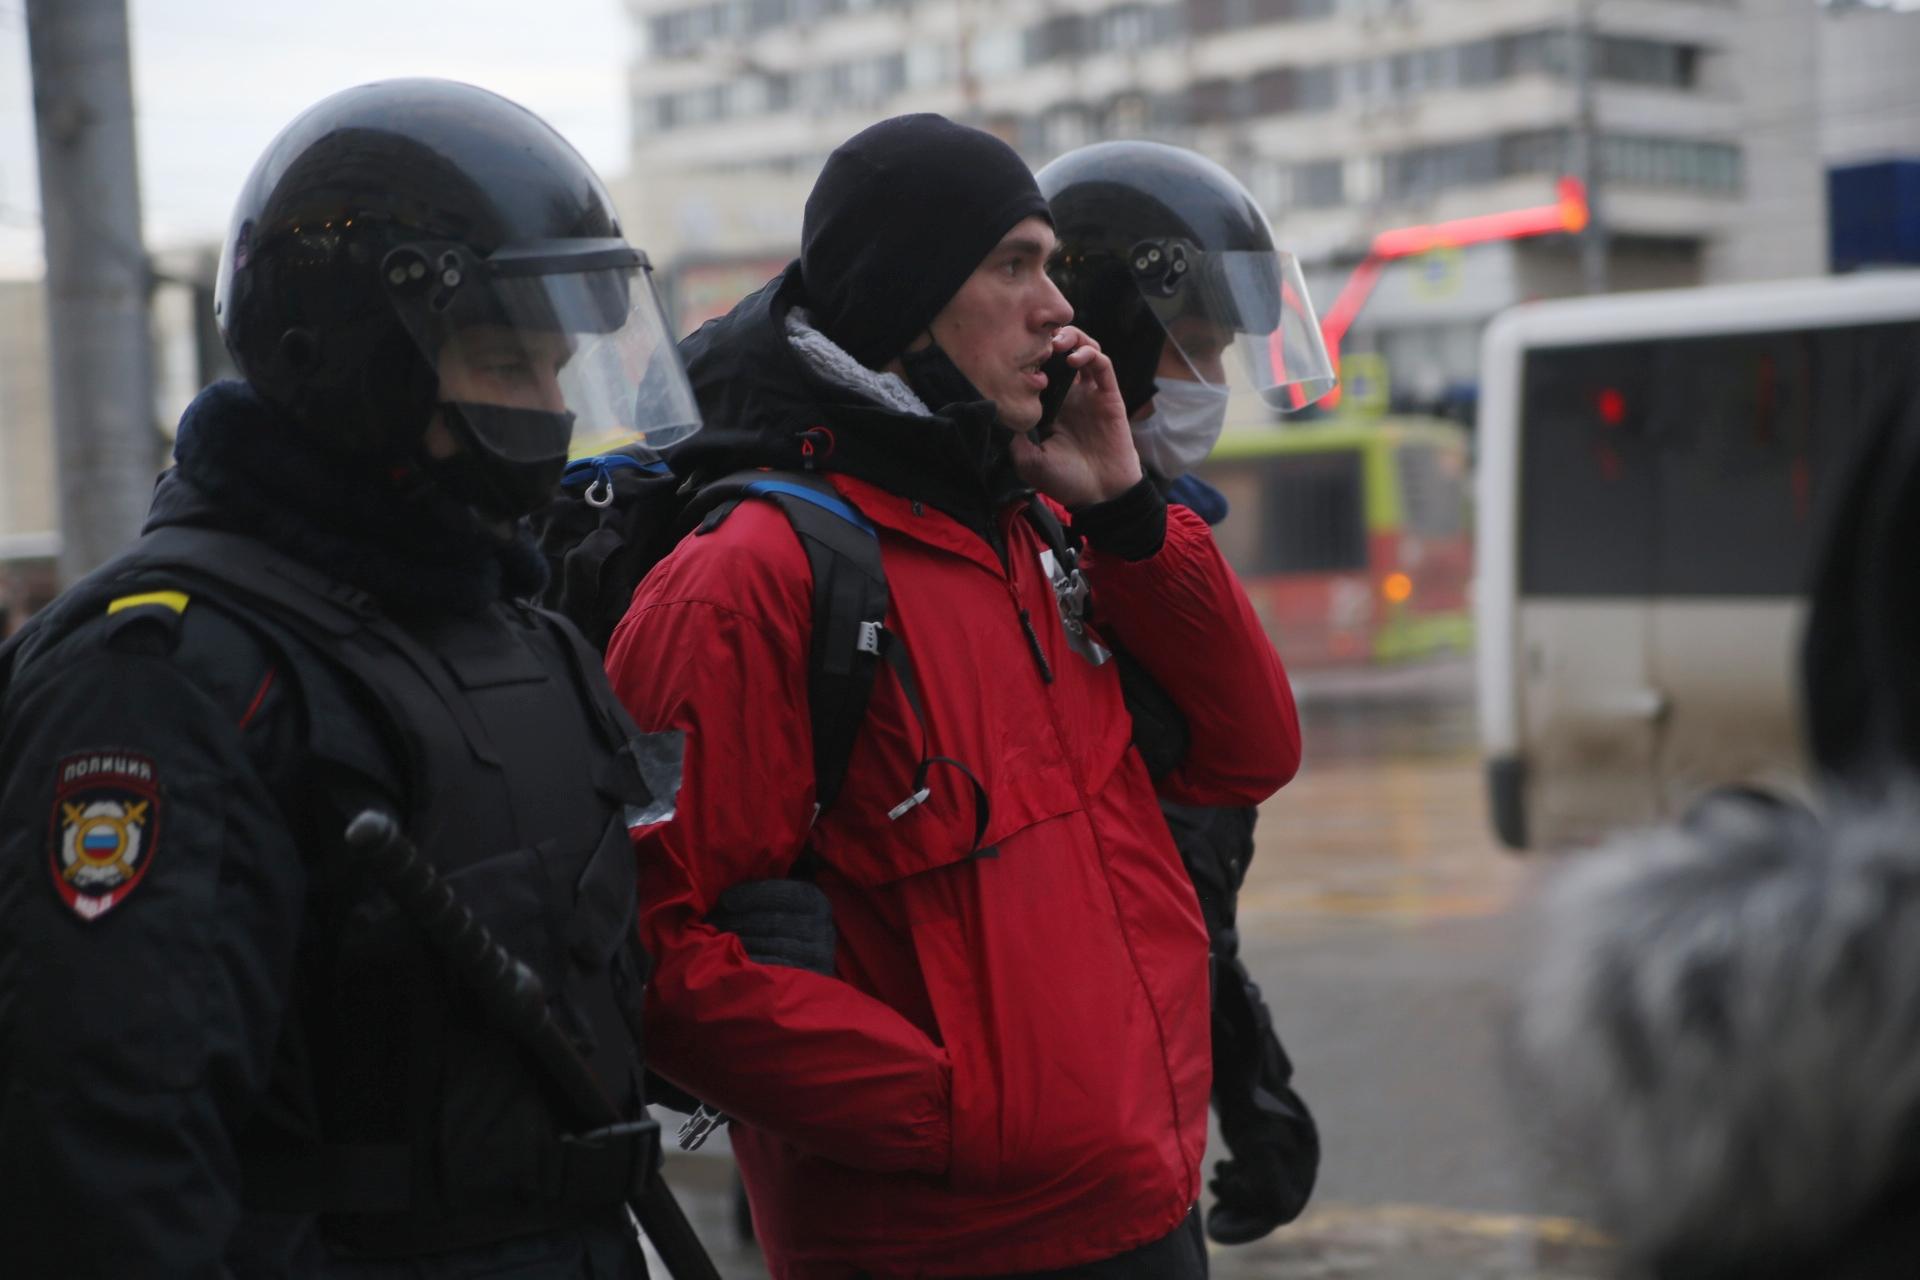 Выступавшего Илью Кравченко ведут в автозак, даже не мешая разговаривать по телефону